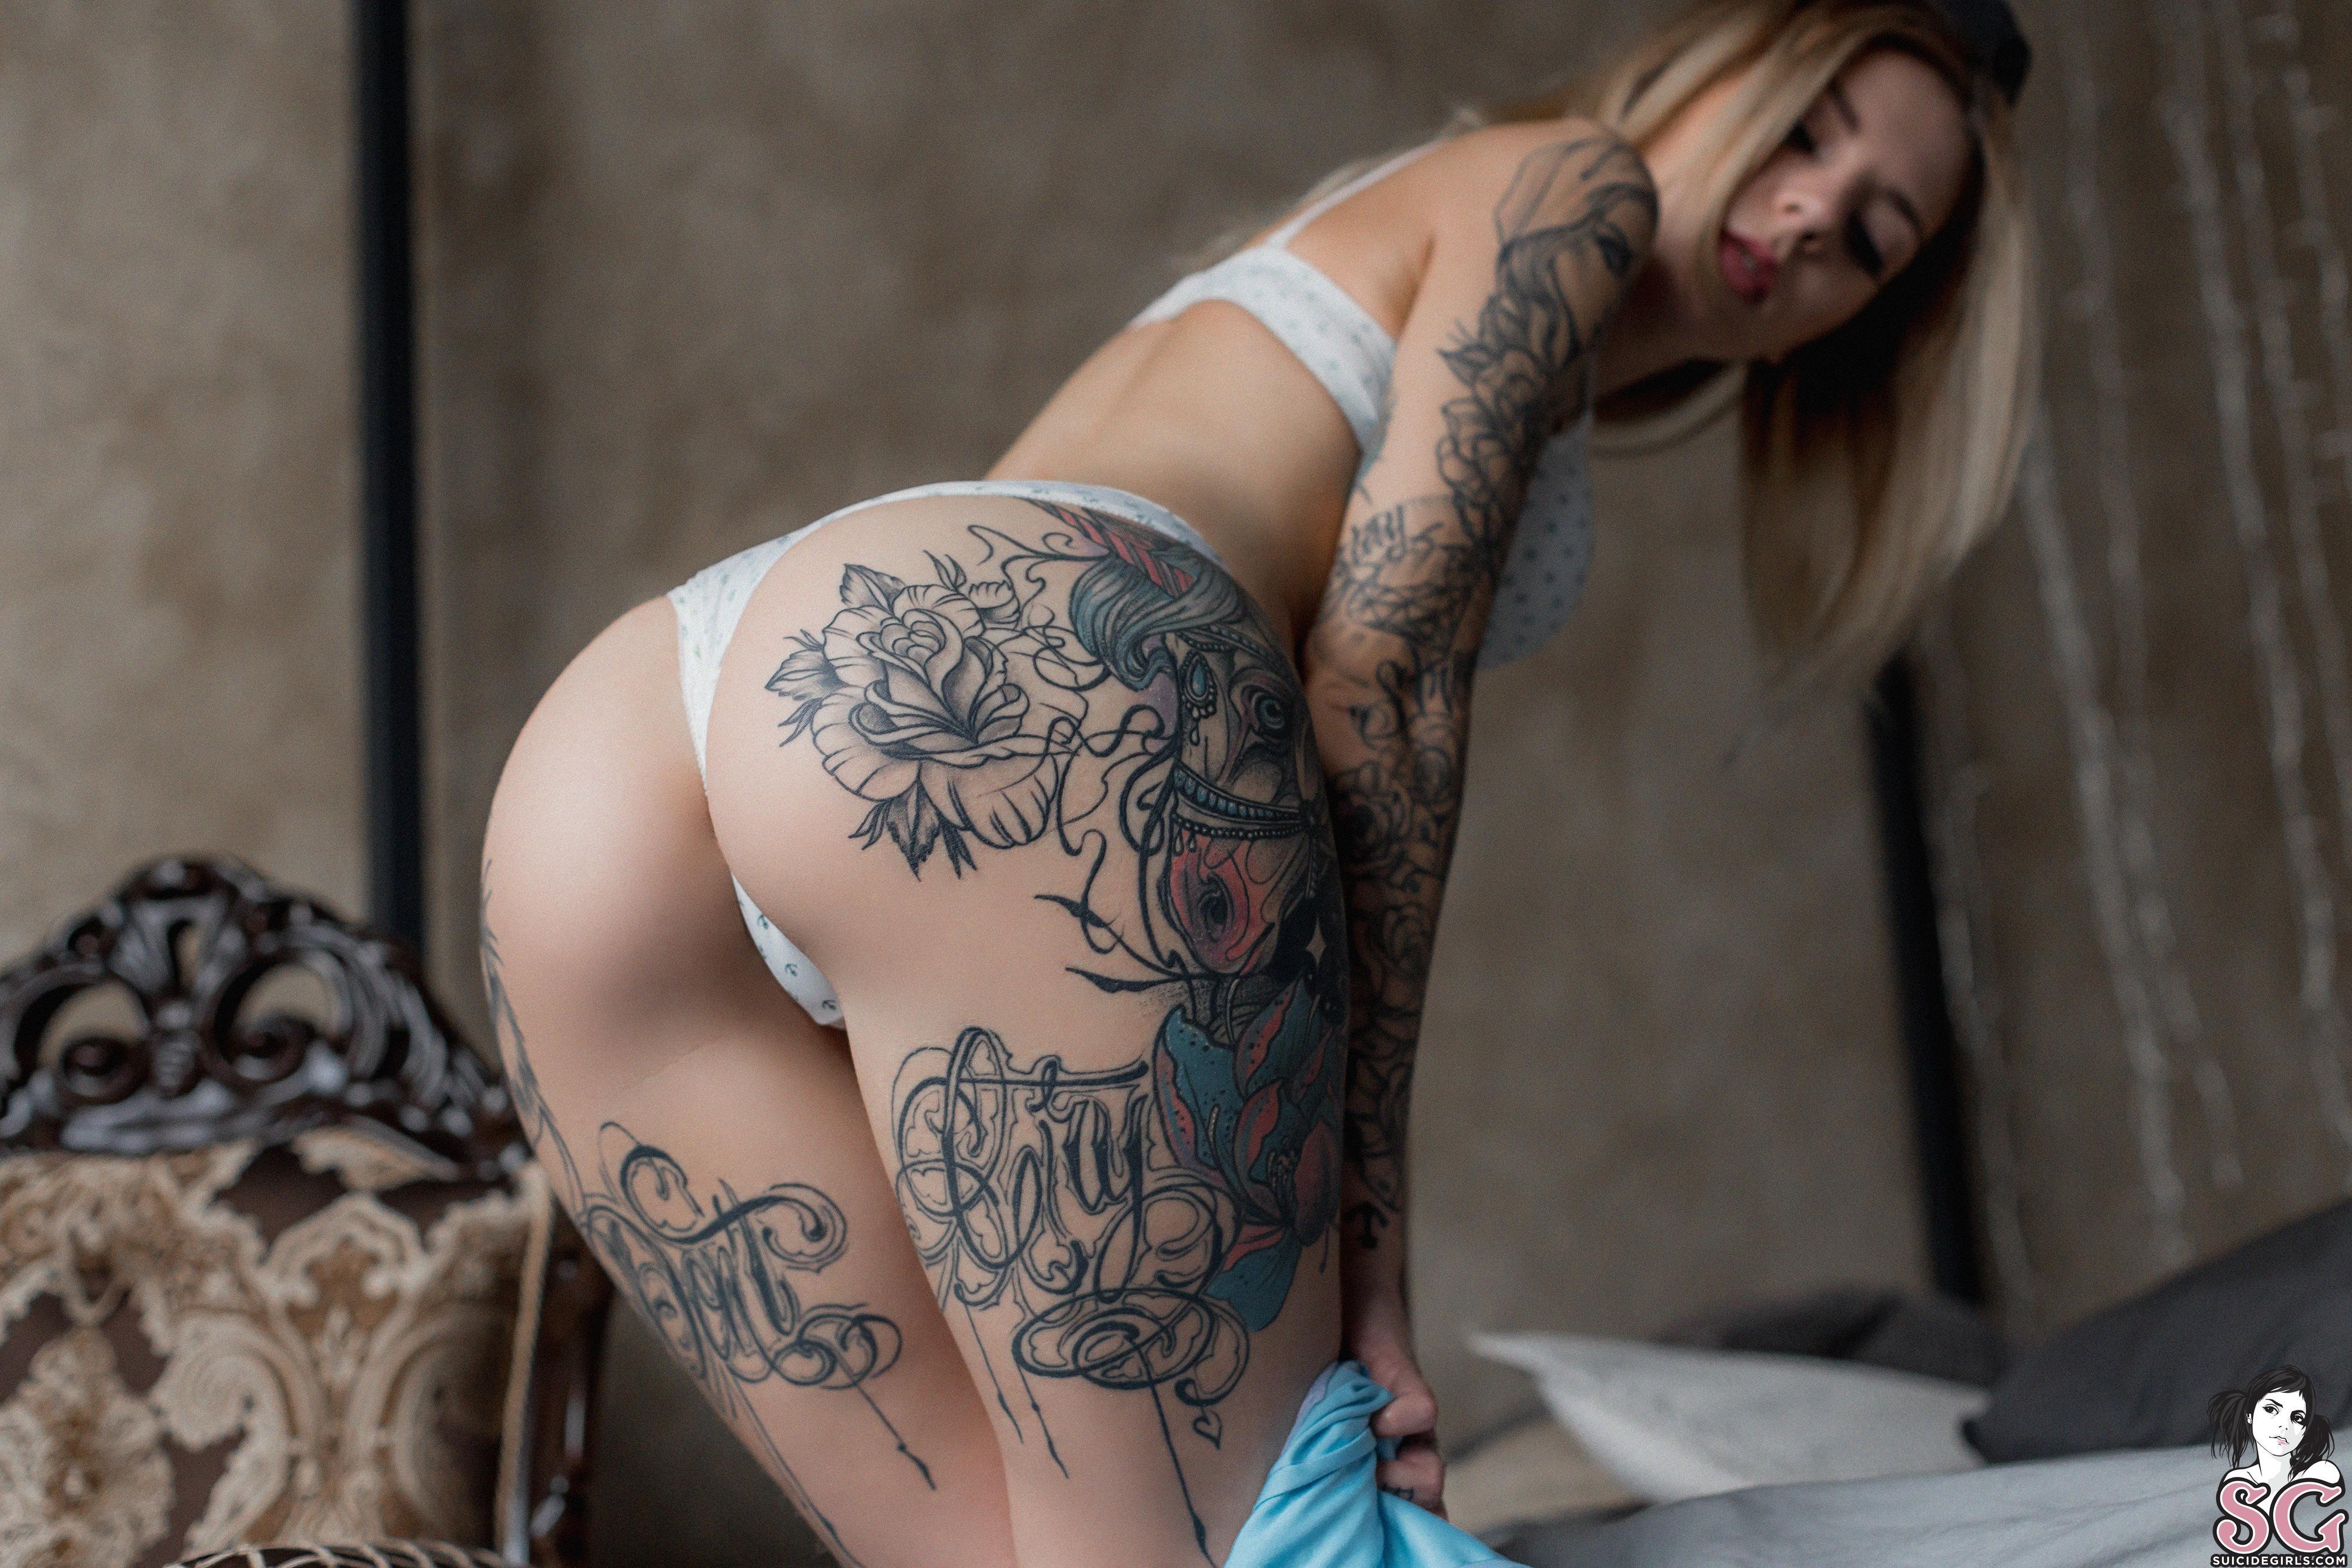 Tattooed blonde kleio valentien freeing big boobs and butt